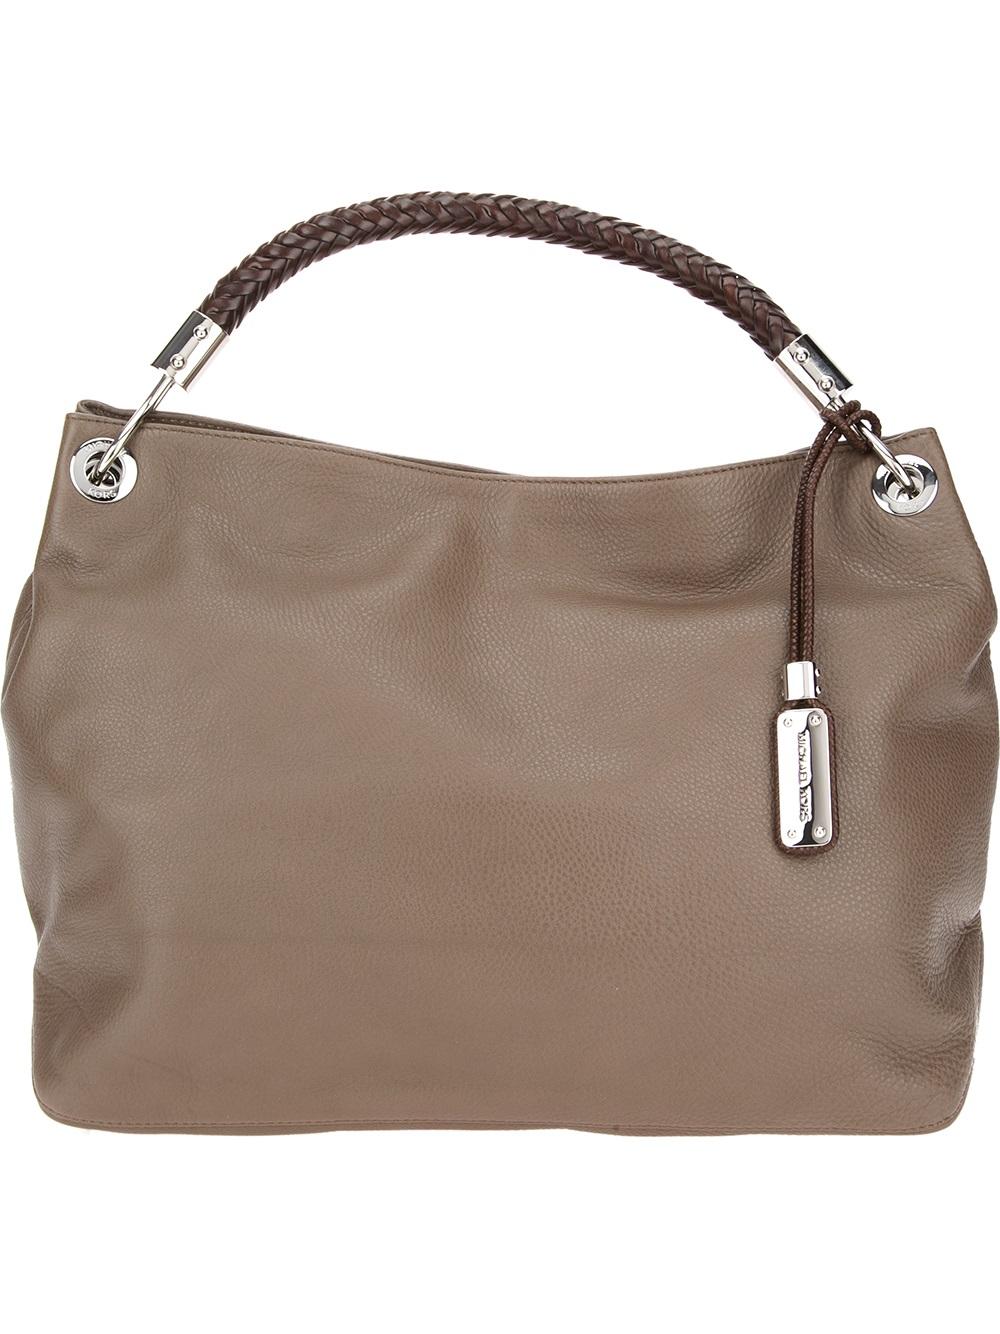 michael kors skorpios large shoulder bag in beige brown